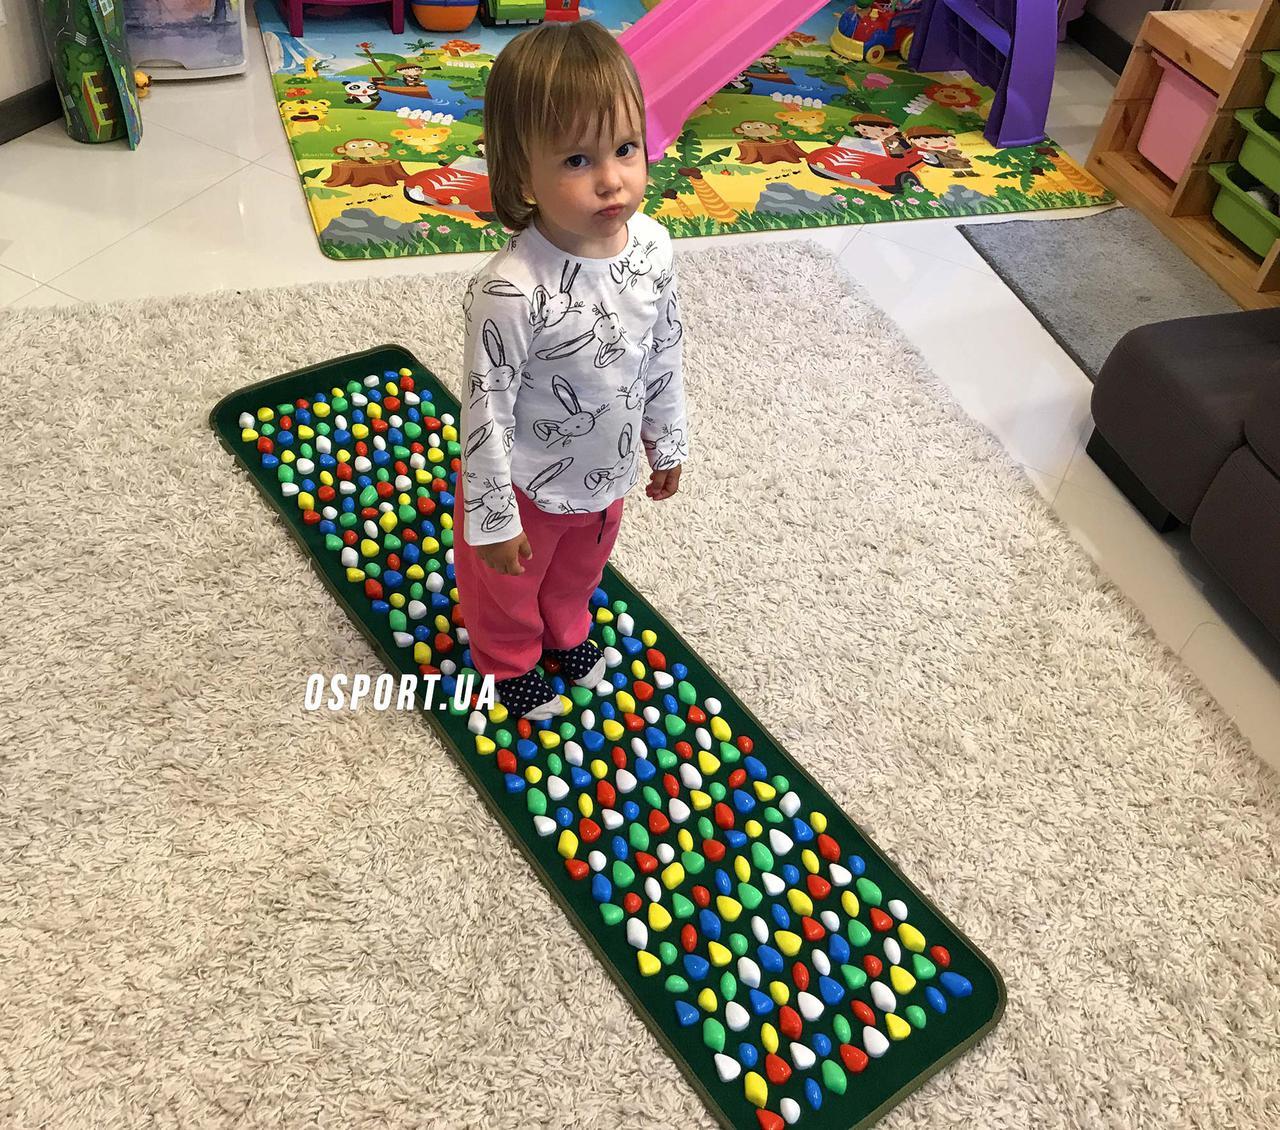 Массажный (ортопедический) коврик дорожка для детей с камнями Морской берег 150*40cm (FI-0130)